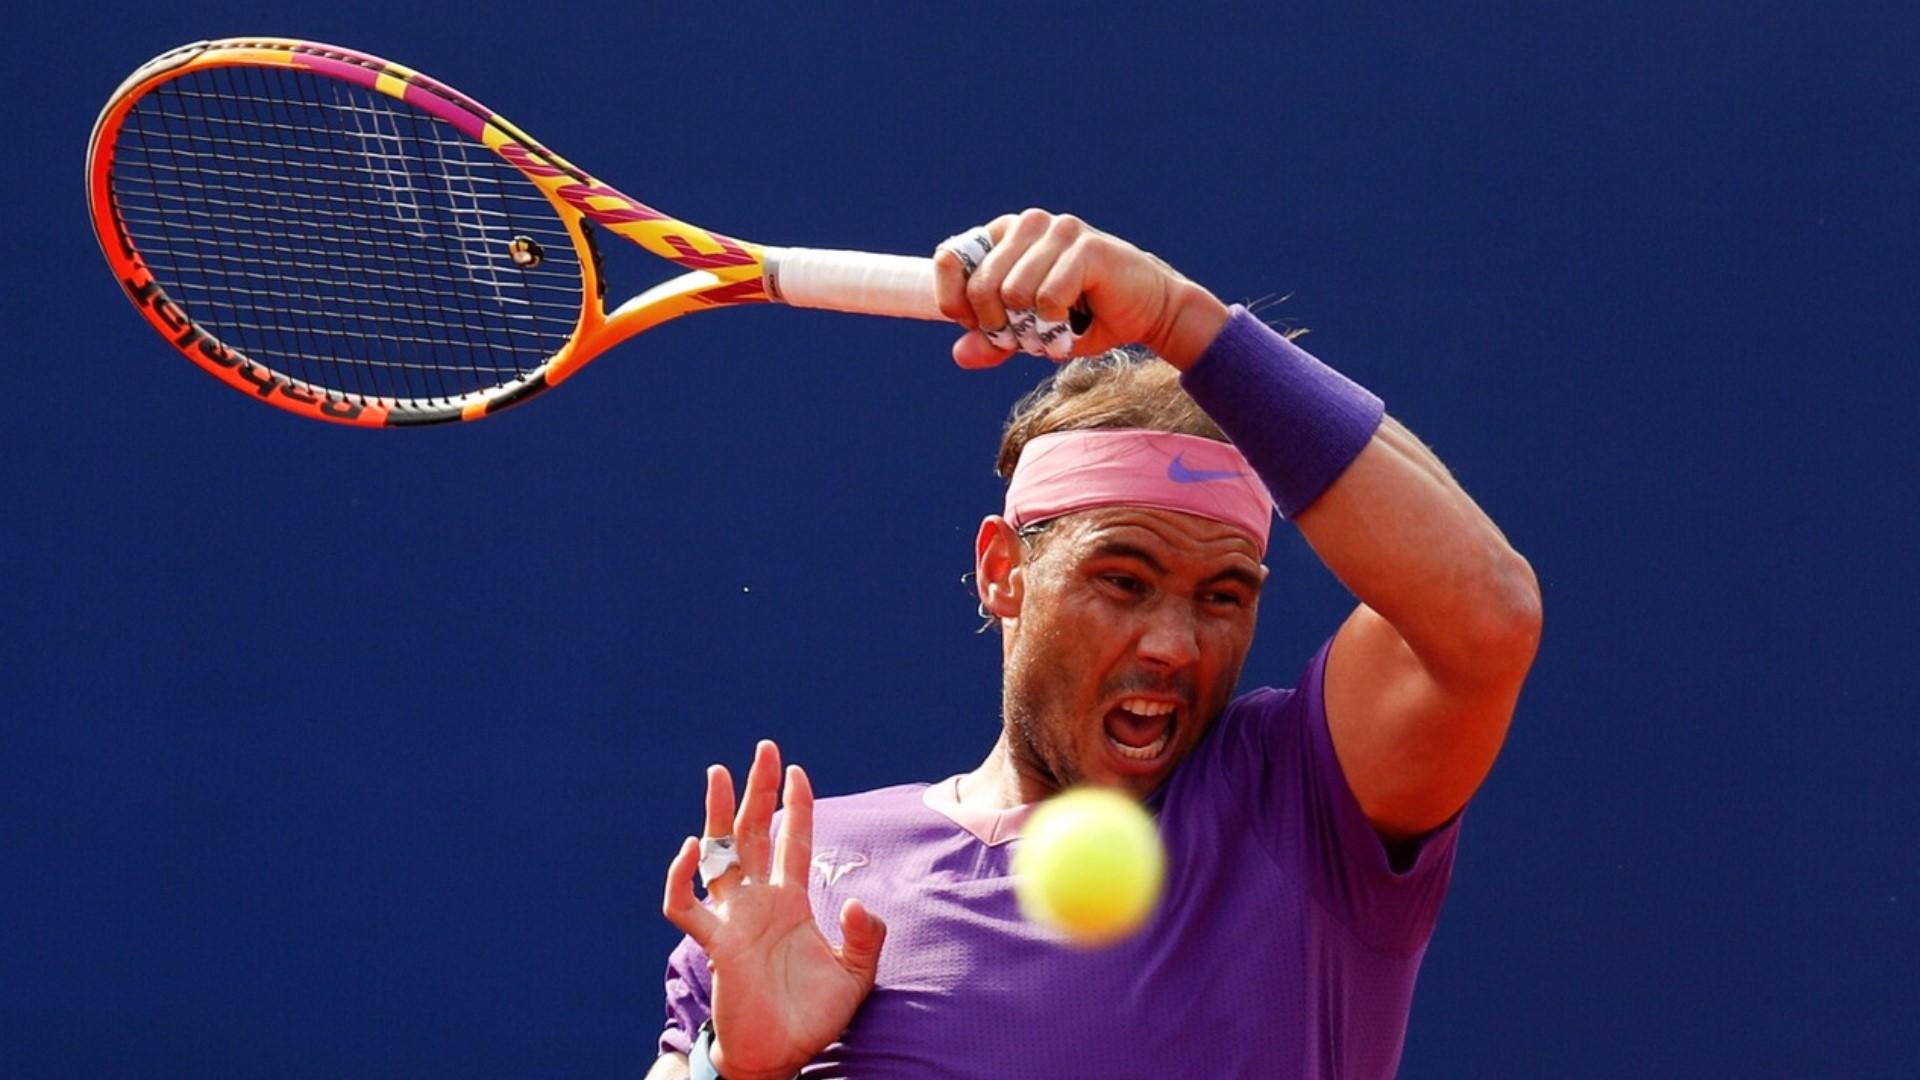 Tenis - ATP 500 Trofeo Conde de Godó. 3º partido: R. Nadal - K. Nishikori